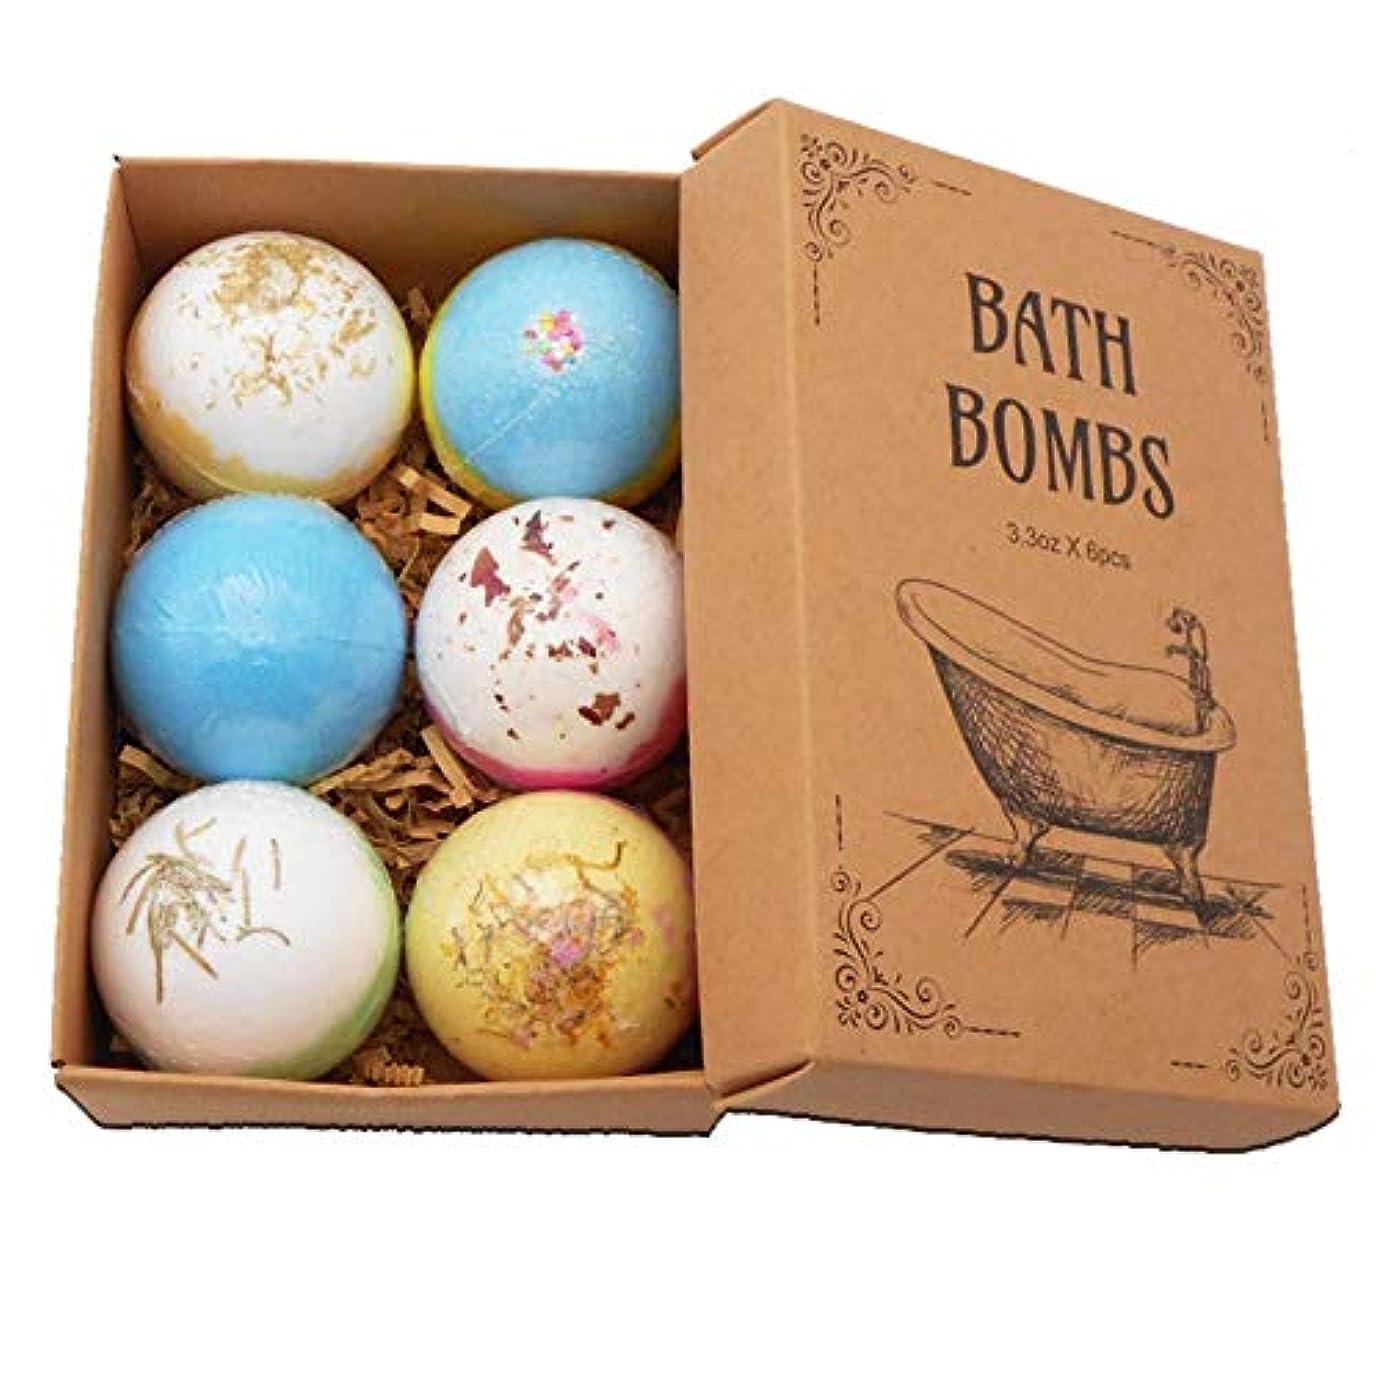 ピンク見物人解放するColdwhite 6PCSバスボム 自然な手作りの海塩ラベンダー風呂爆弾 母のガールフレンドのためのスパ発泡爆弾ギフト